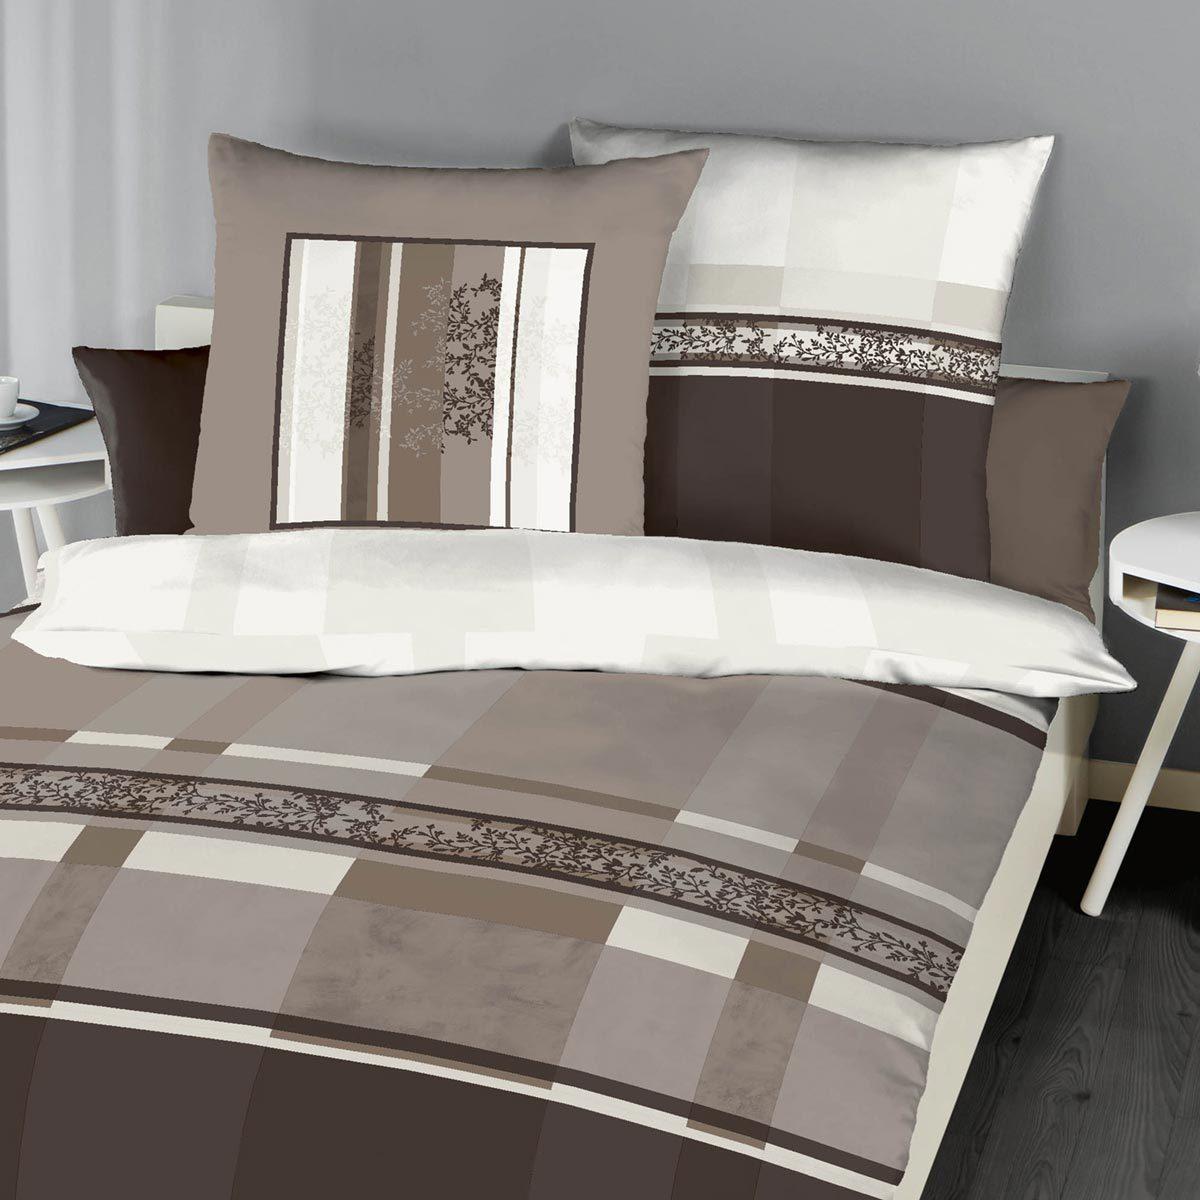 kaeppel biber bettw sche etienne braun g nstig online kaufen bei bettwaren shop. Black Bedroom Furniture Sets. Home Design Ideas